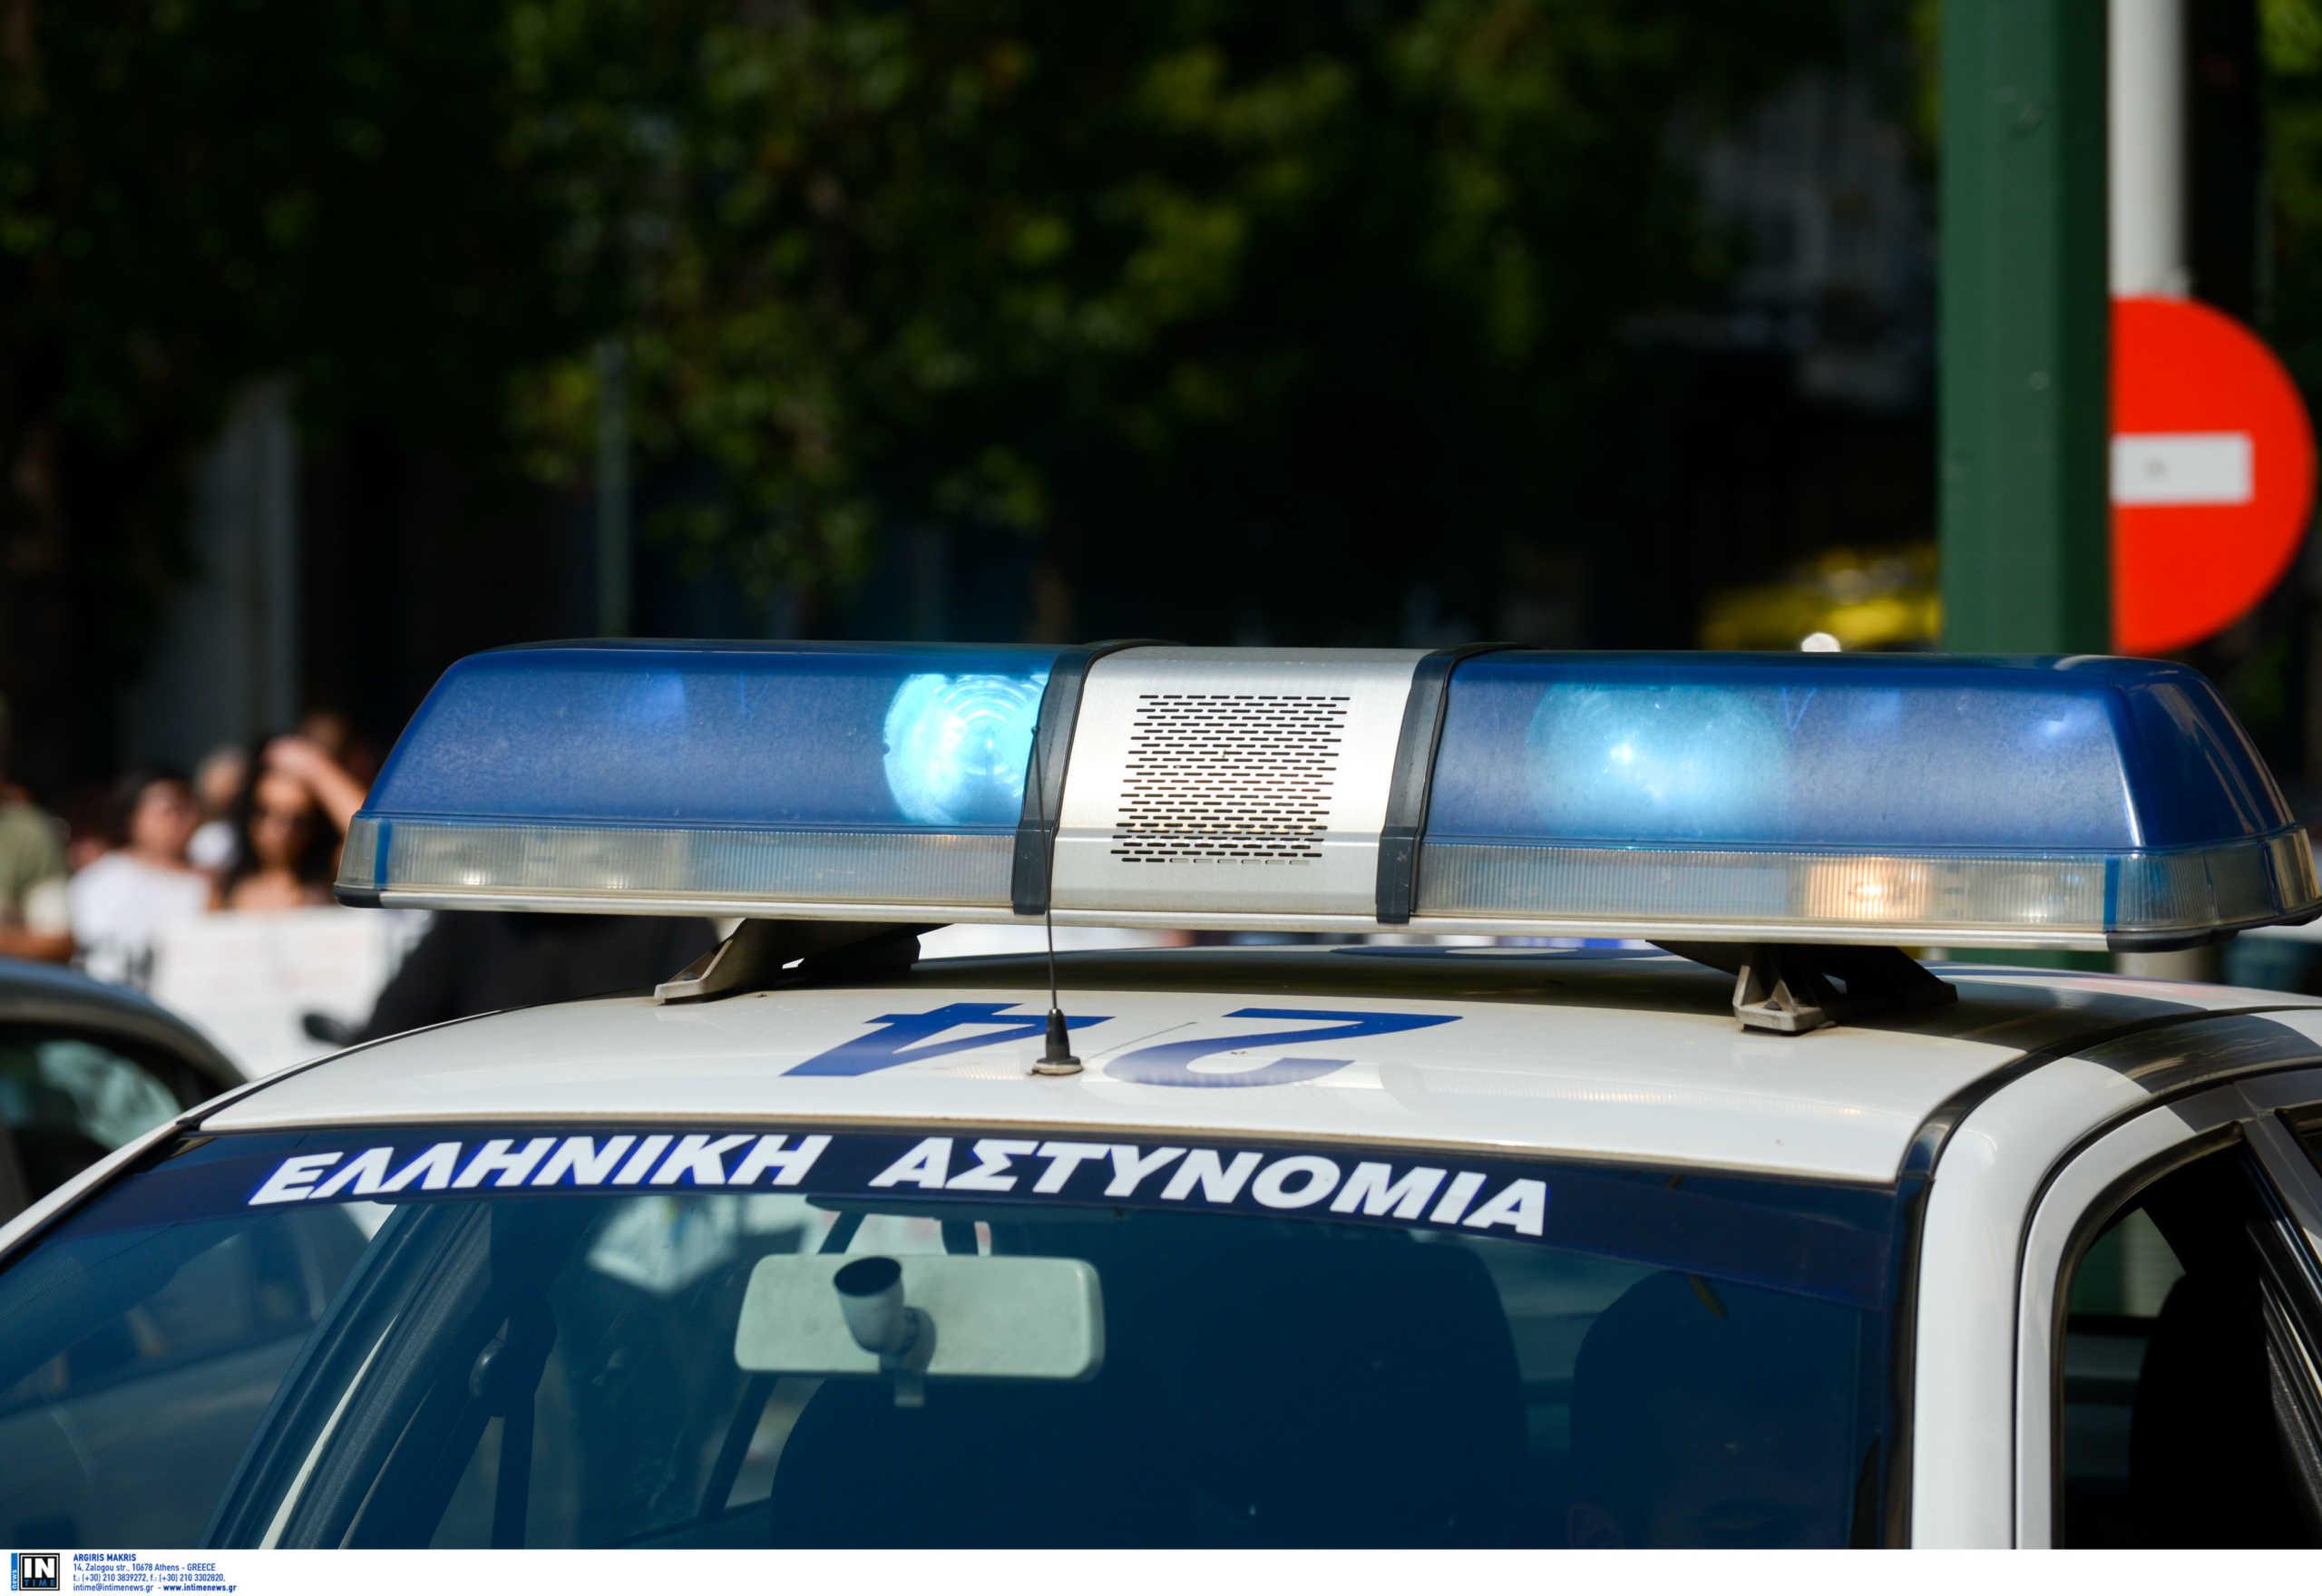 Θεσσαλονίκη: Προσπάθησε να βιάσει τρεις γυναίκες! Οι καταγγελίες που οδήγησαν στη σύλληψη του 23χρονου